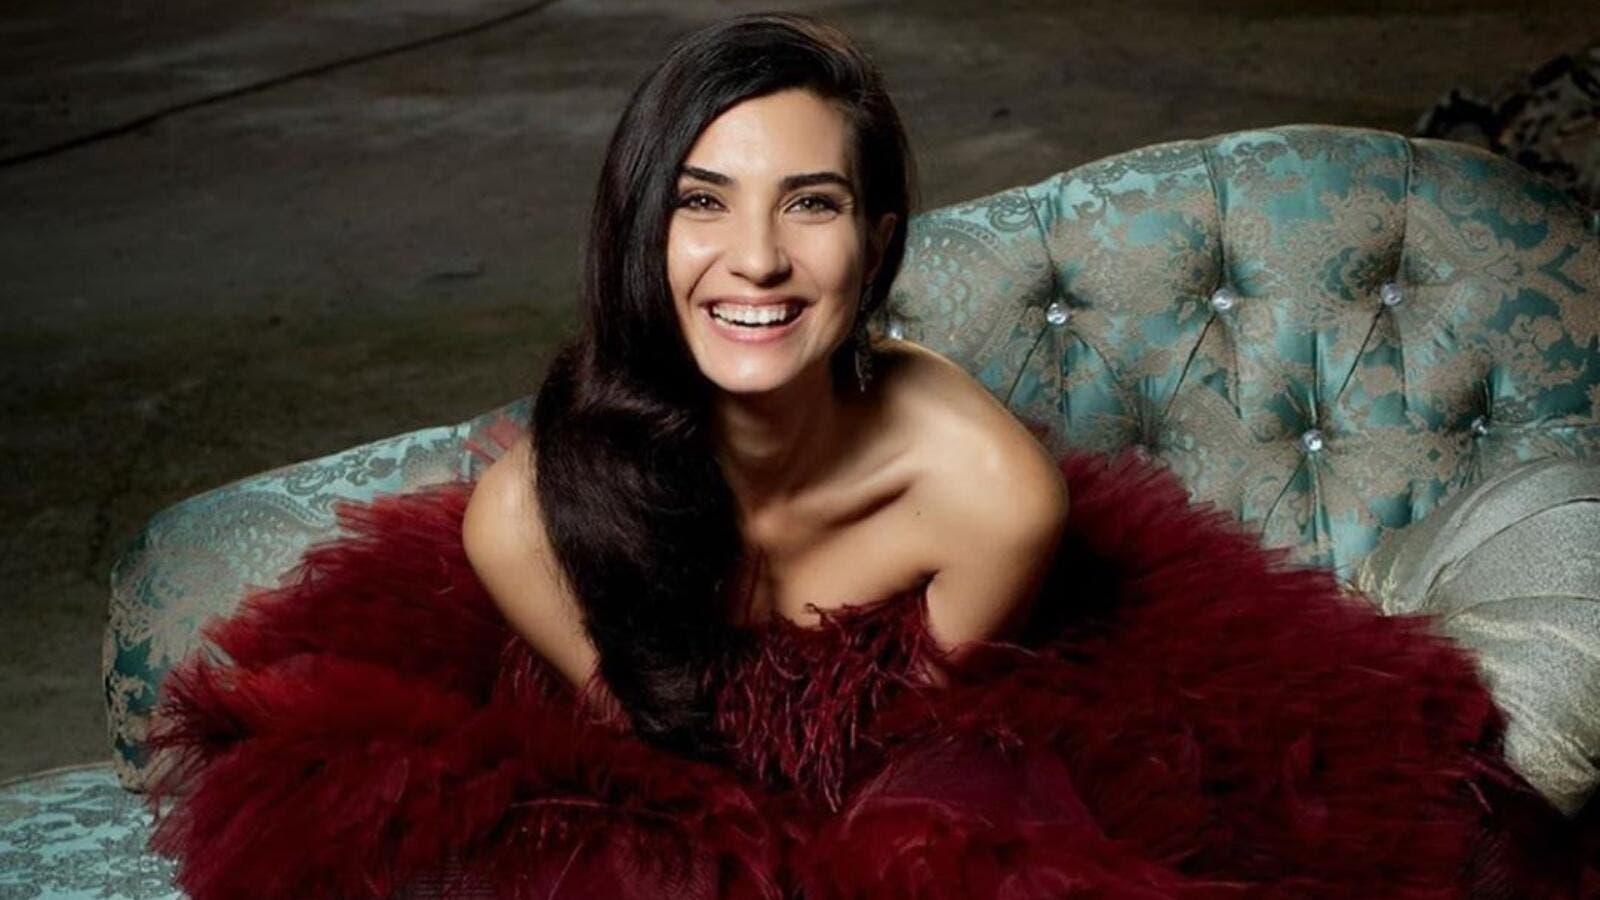 FOTO/ 9 vite më i ri, zbulohet i dashuri i aktores së njohur turke